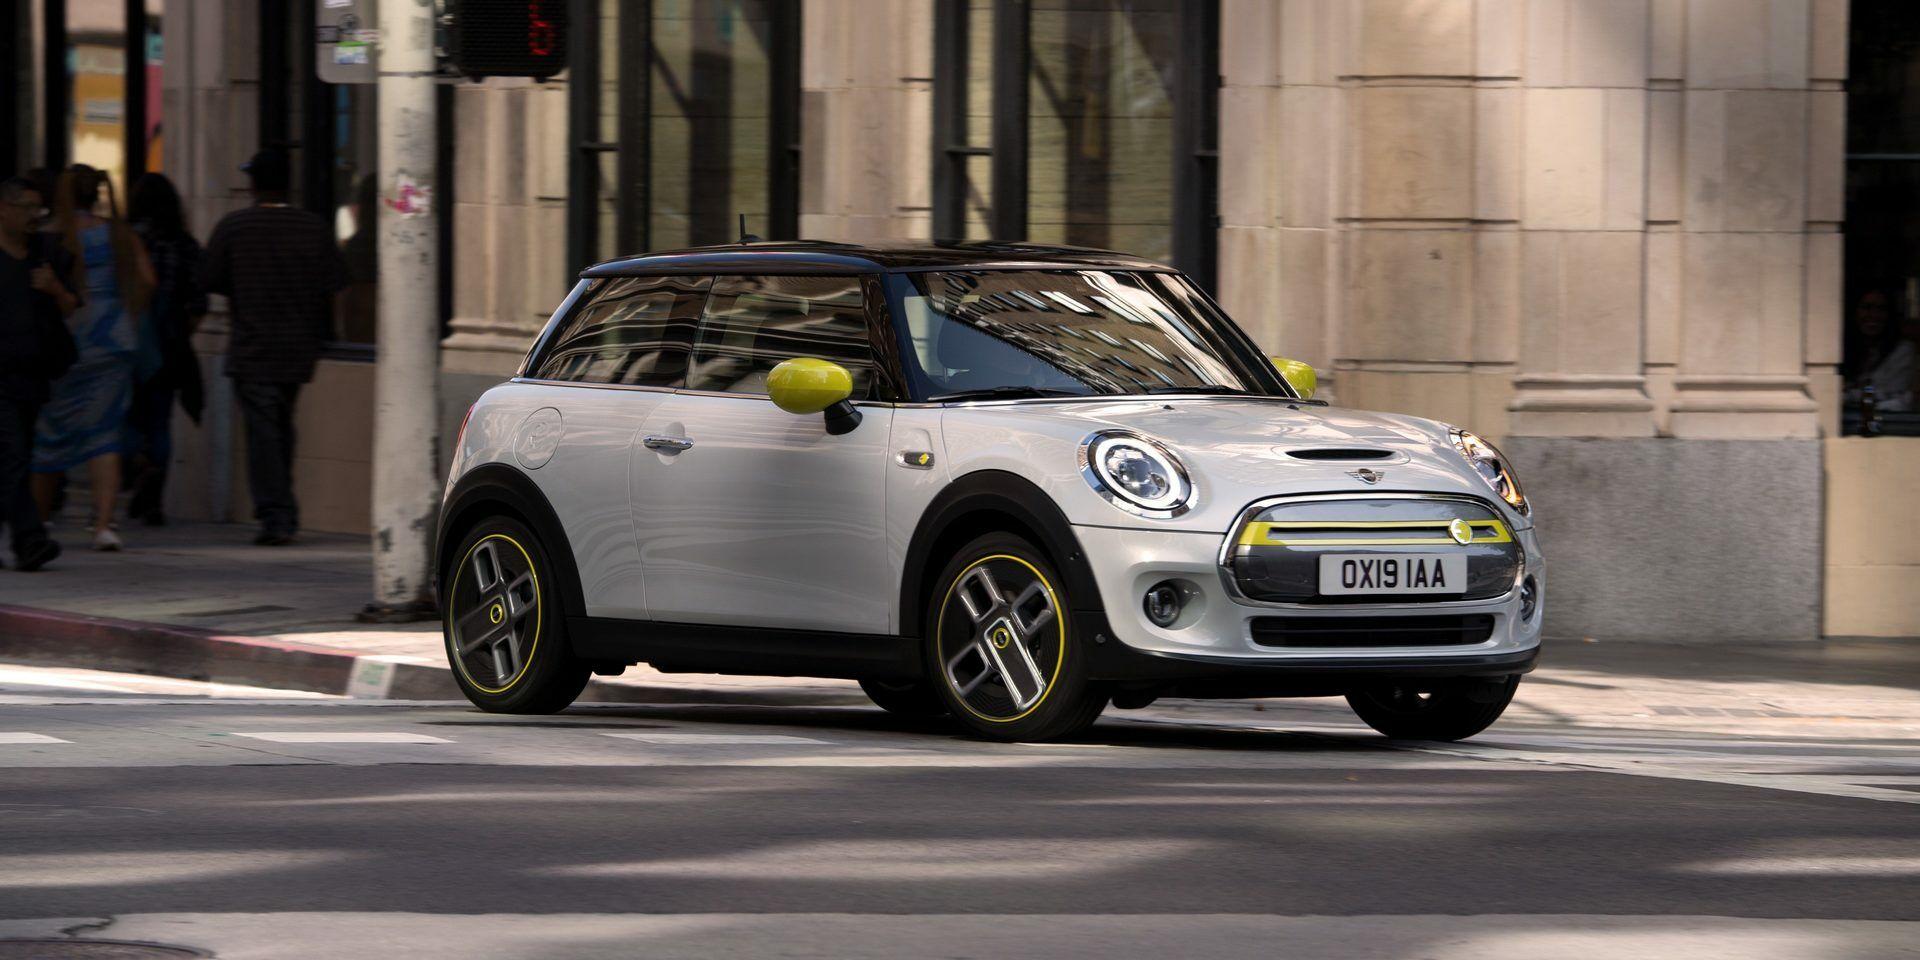 """Naujasis """"BMW"""" elektromobilis pataikė į pirkėjų poreikius? Skelbiama apie dešimtis tūkstančių """"Mini Cooper SE"""" rezervacijų"""